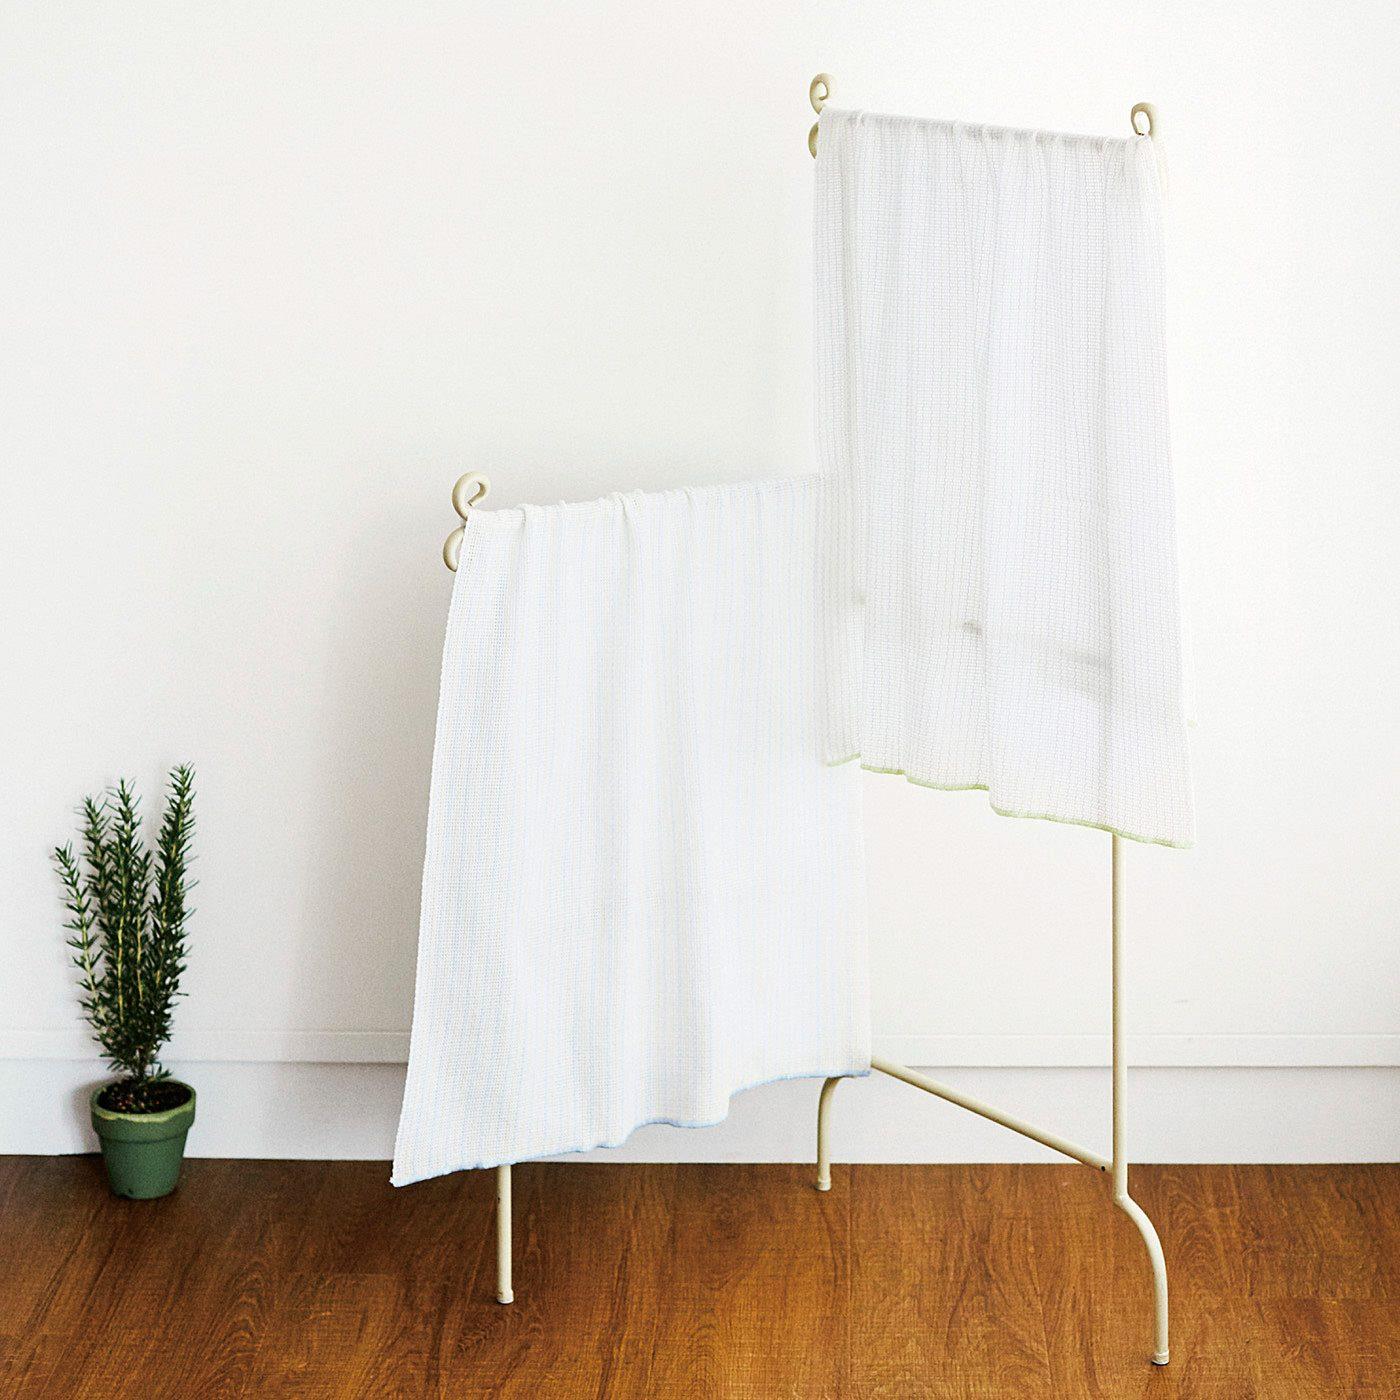 コンパクトサイズで部屋干しでも場所を取らず、収納も省スペースでOK。